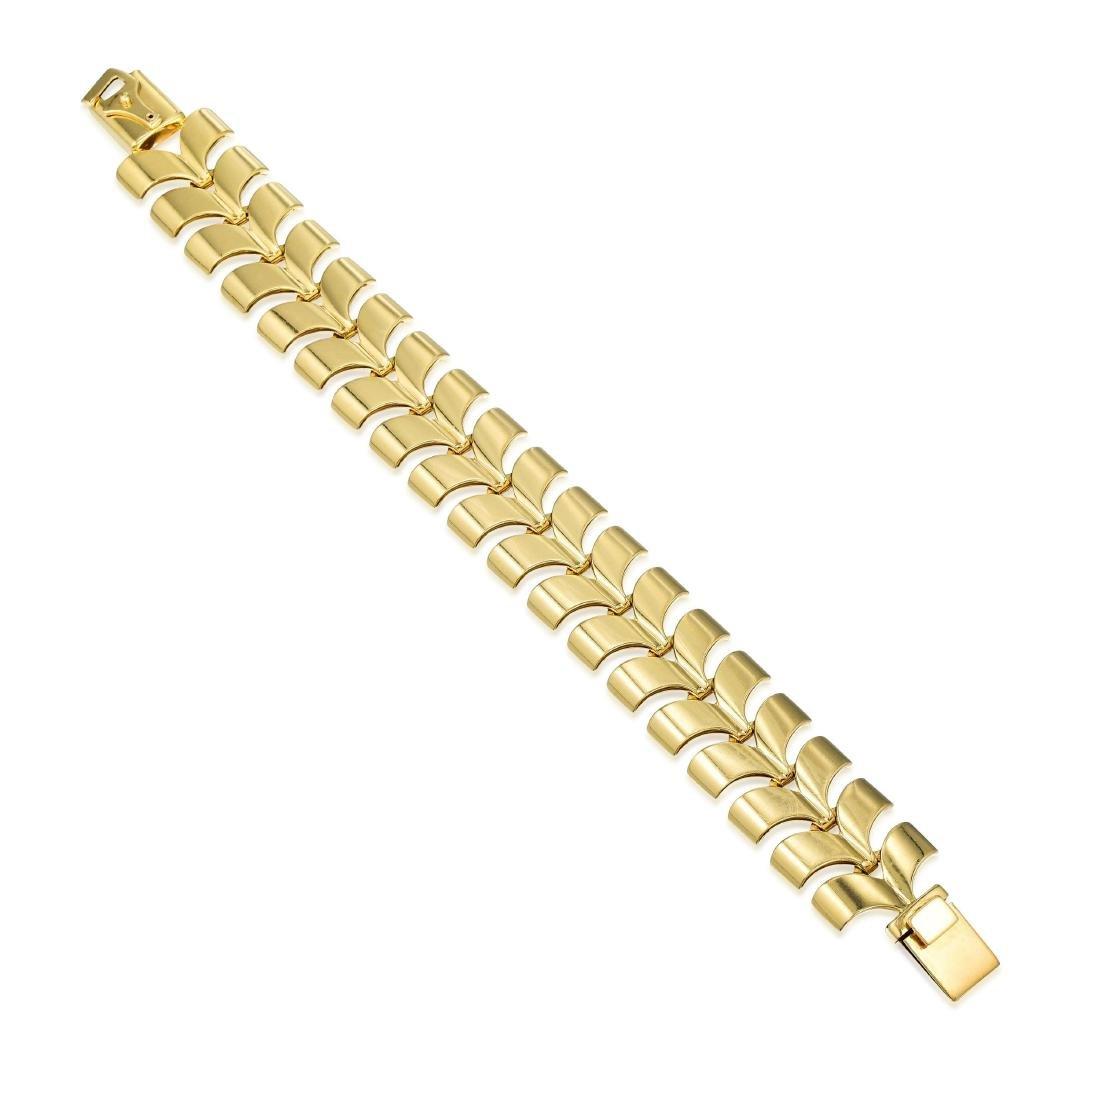 Tiffany & Co. Gold Necklace and Bracelet Set - 4